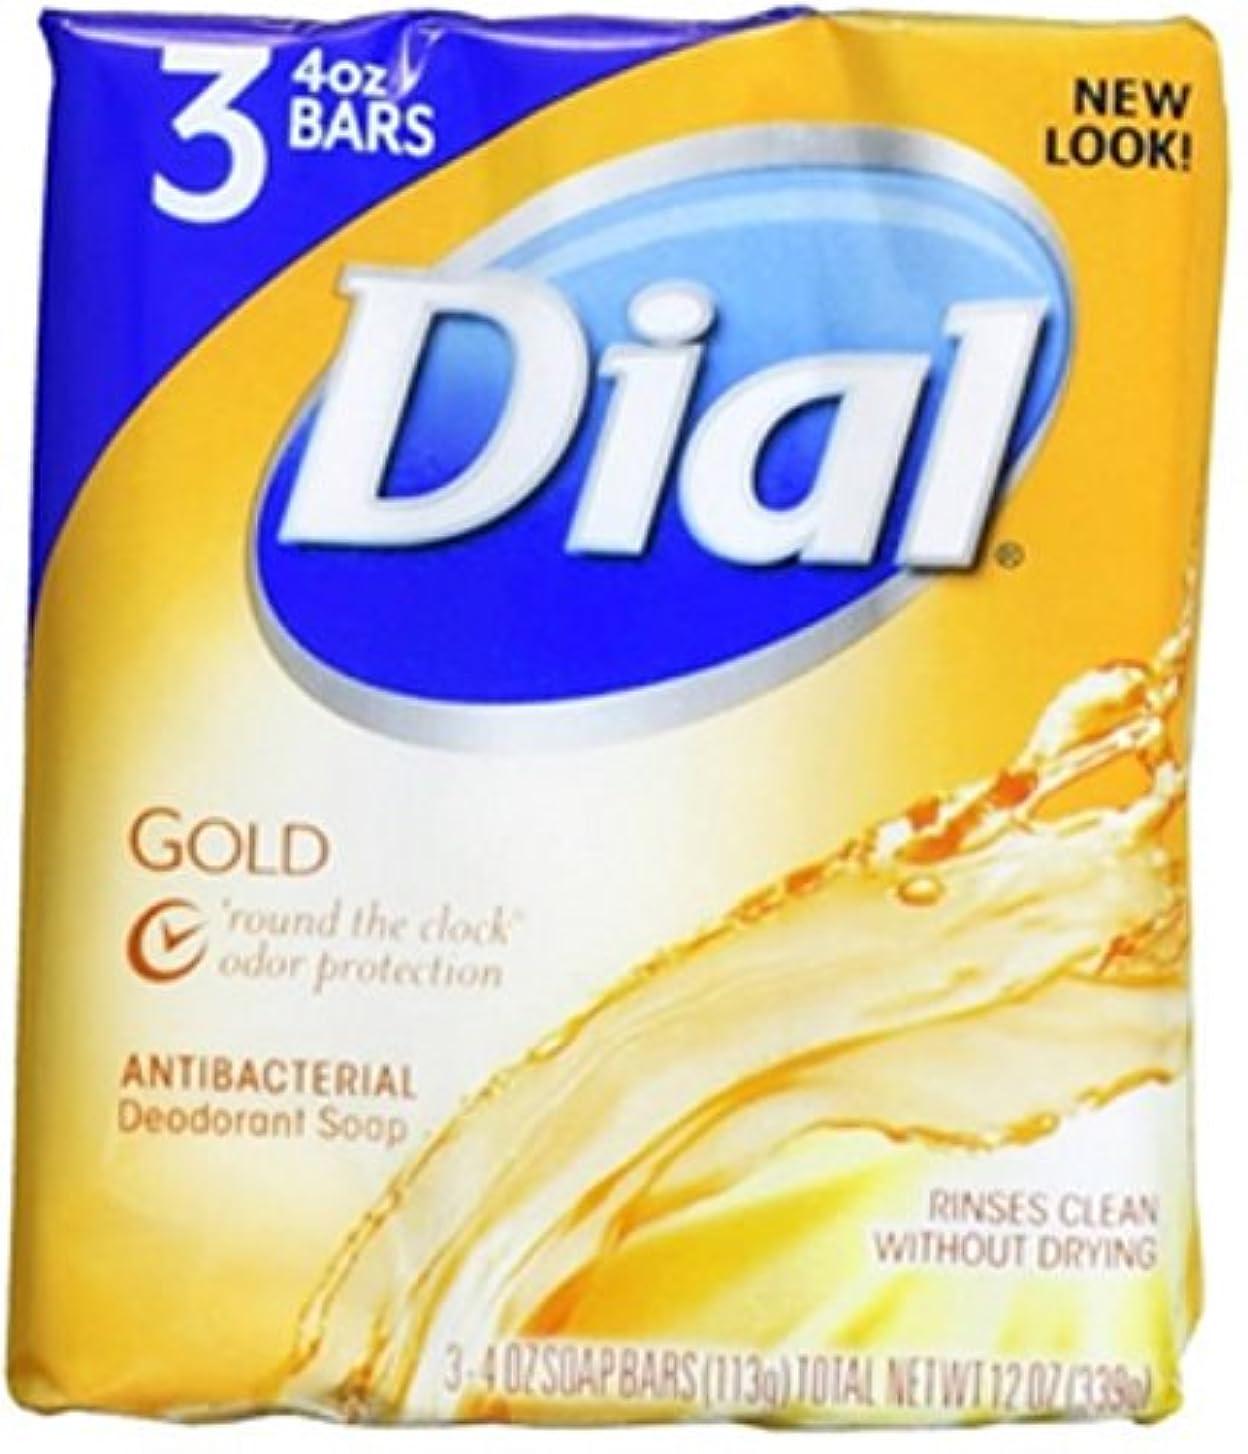 ドル話をする通常Dial 抗菌消臭石鹸バー、ゴールド、4つのオズバー、3 Eaは(6パック)